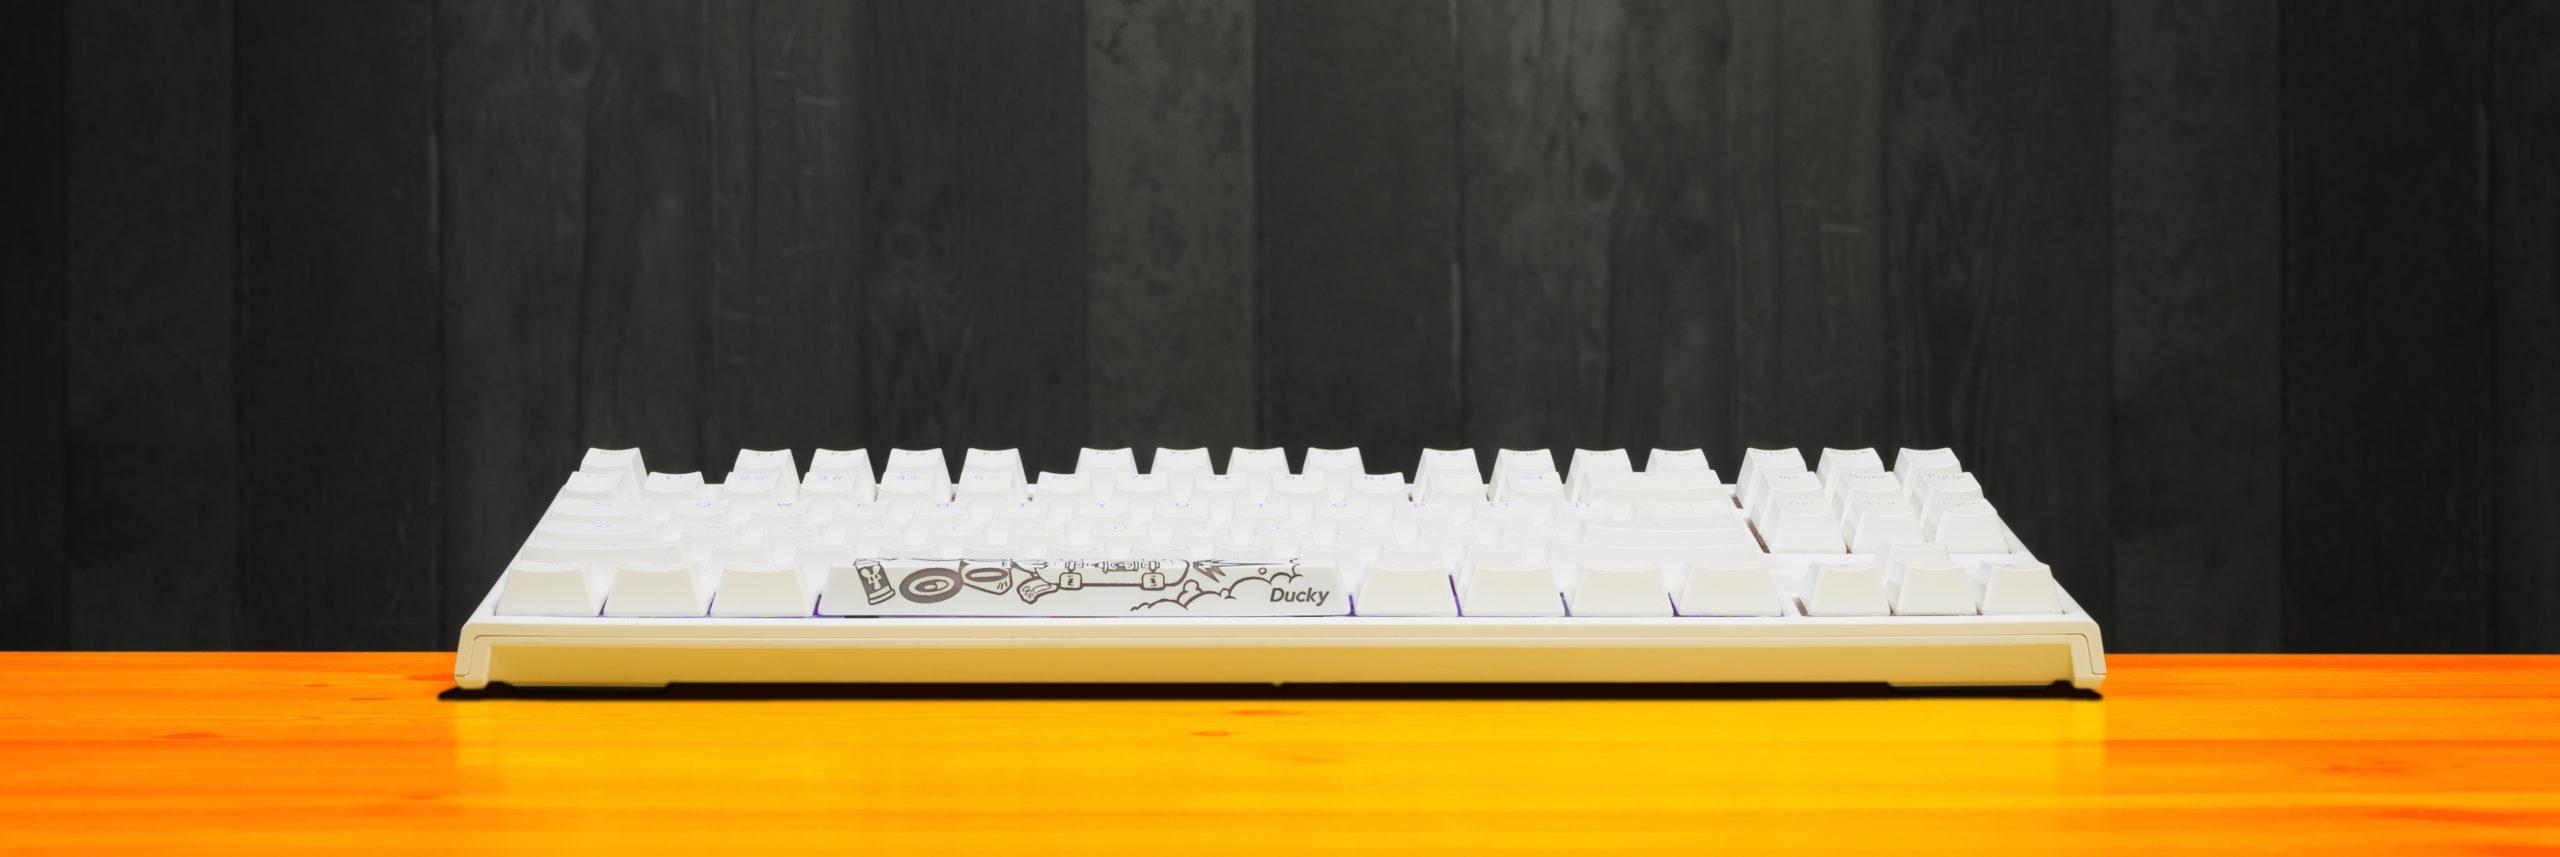 Profielaanzicht van een opstaande Ducky One 2 RGB TKL, met daarop de spatiebalk vervangen met een van de meegeleverde unieke keycaps.